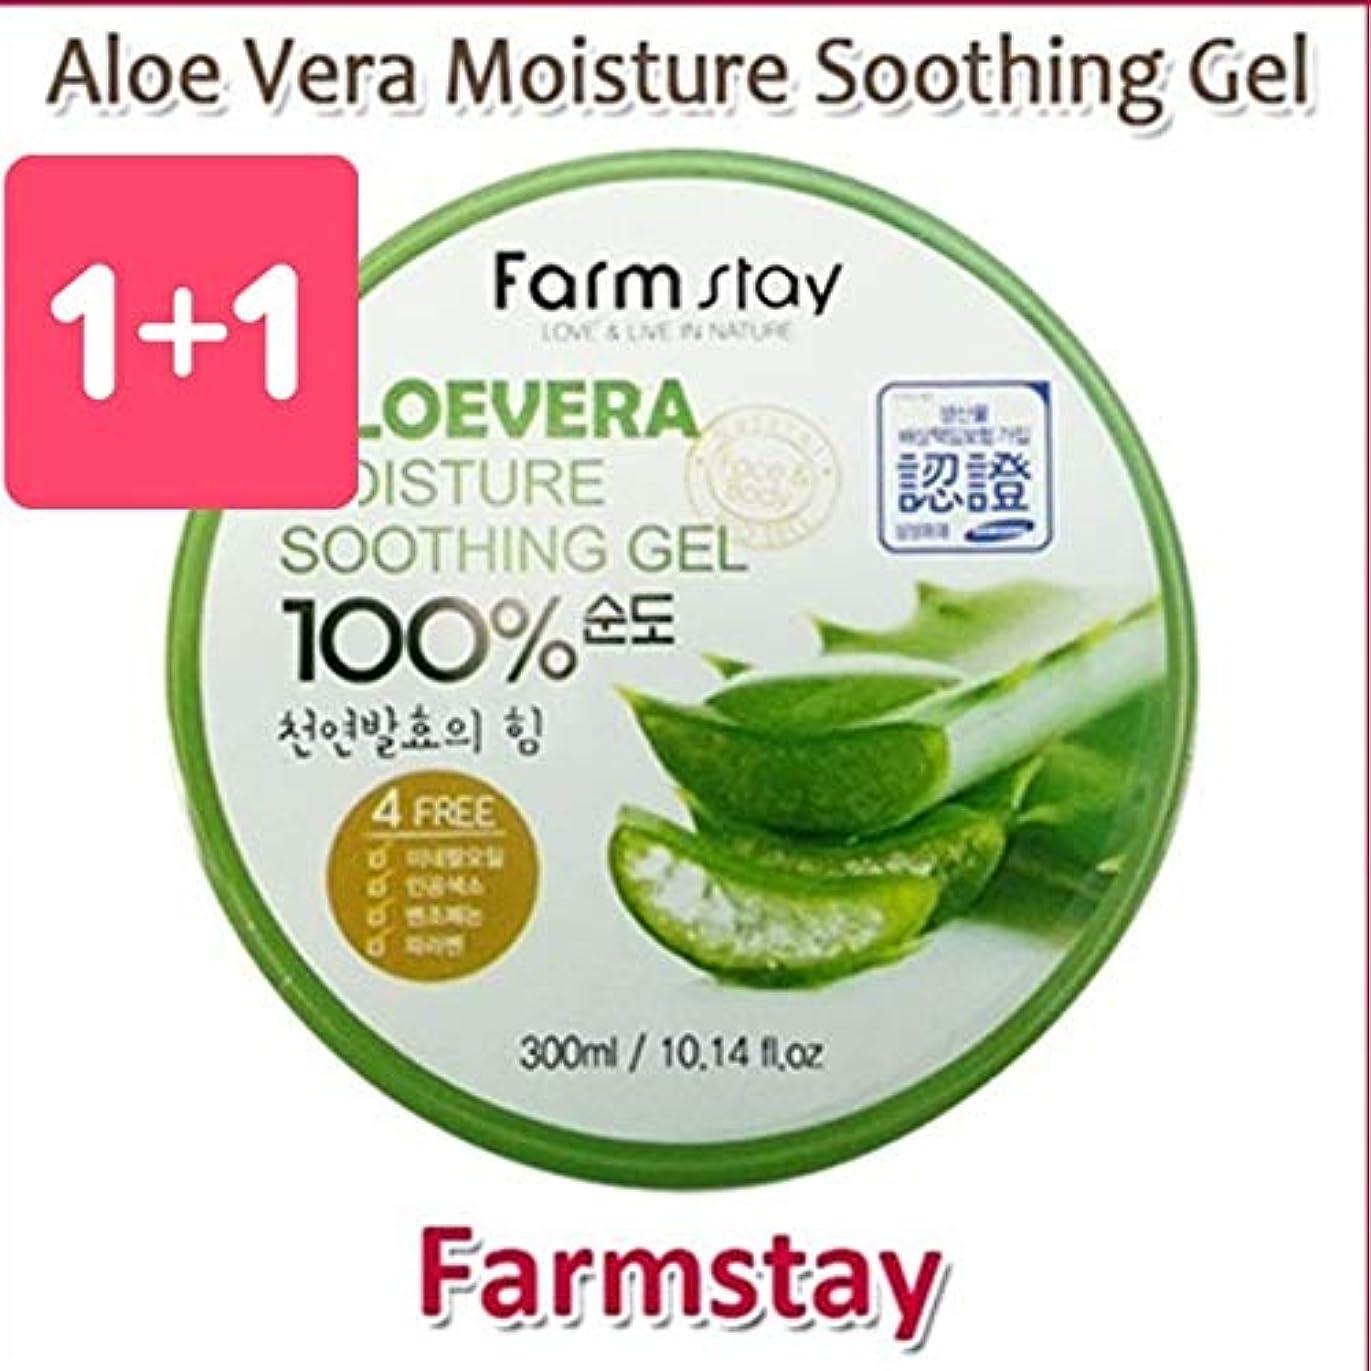 宇宙の出費全体にFarm Stay Aloe Vera Moisture Soothing Gel 300ml 1+1 Big Sale/オーガニック アロエベラゲル 100%/保湿ケア/韓国コスメ/Aloe Vera 100% /Moisturizing [並行輸入品]